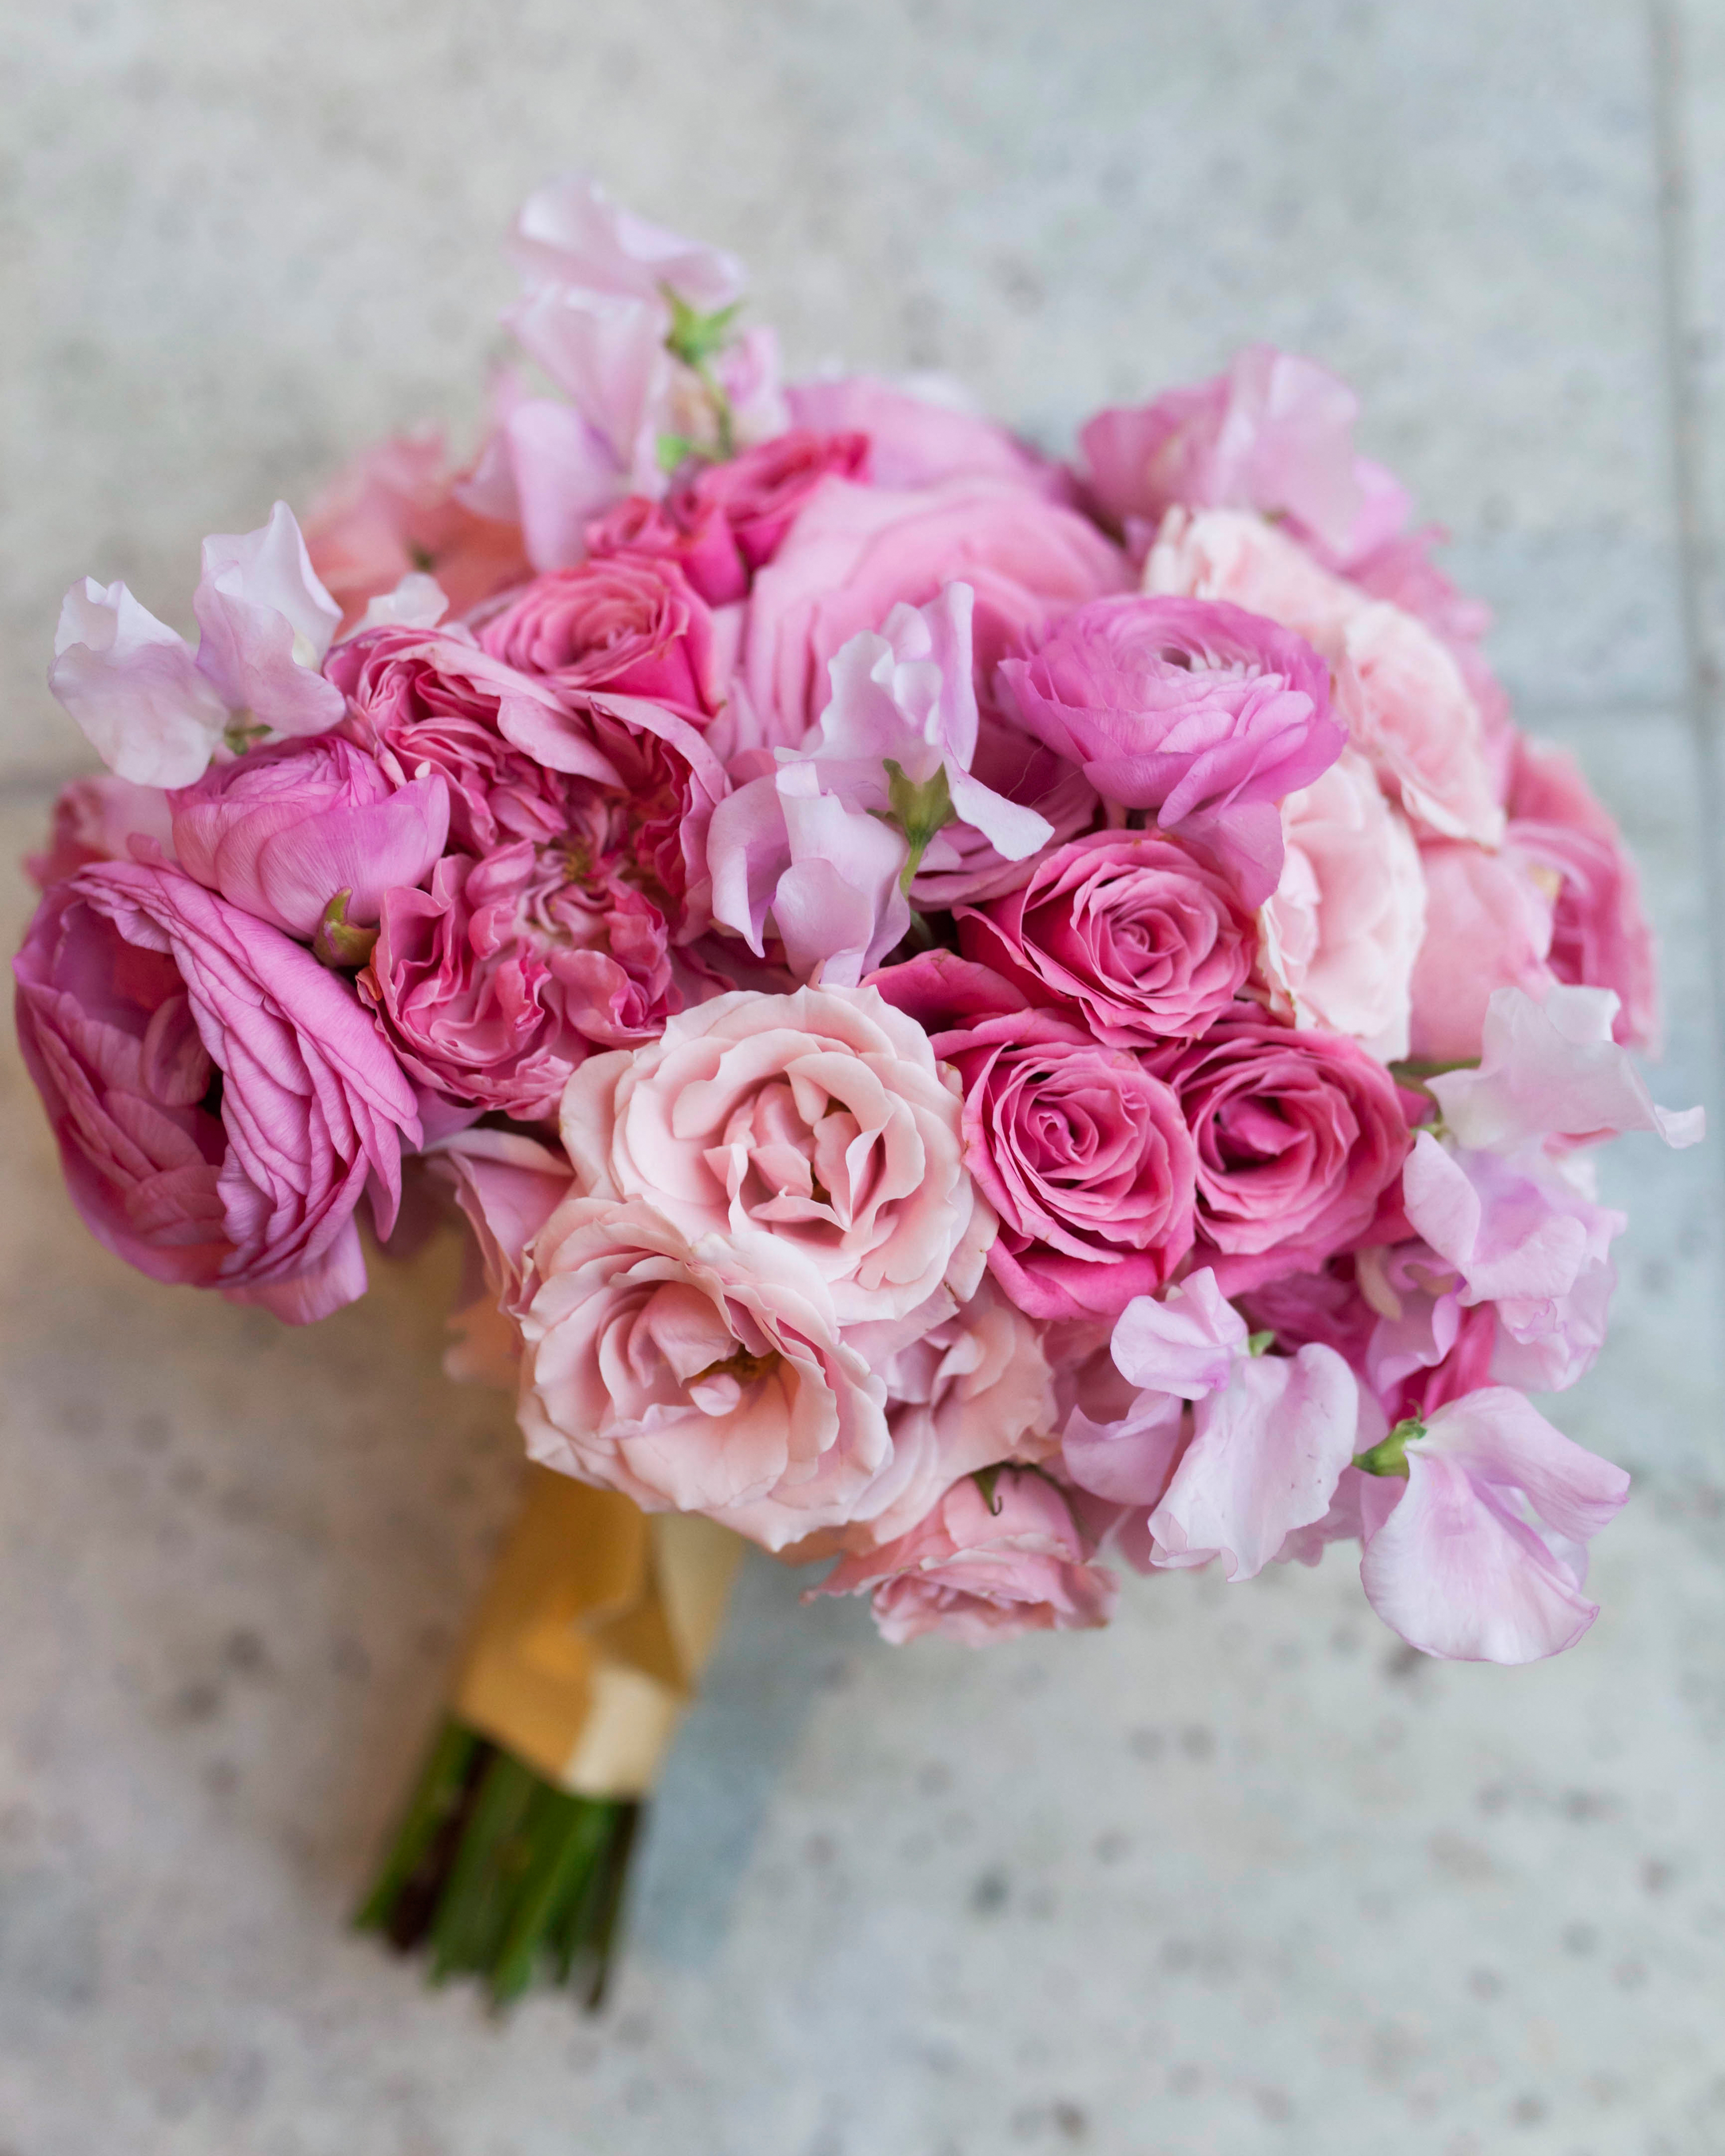 ashley-ryan-wedding-bouquet-132-s111852-0415.jpg